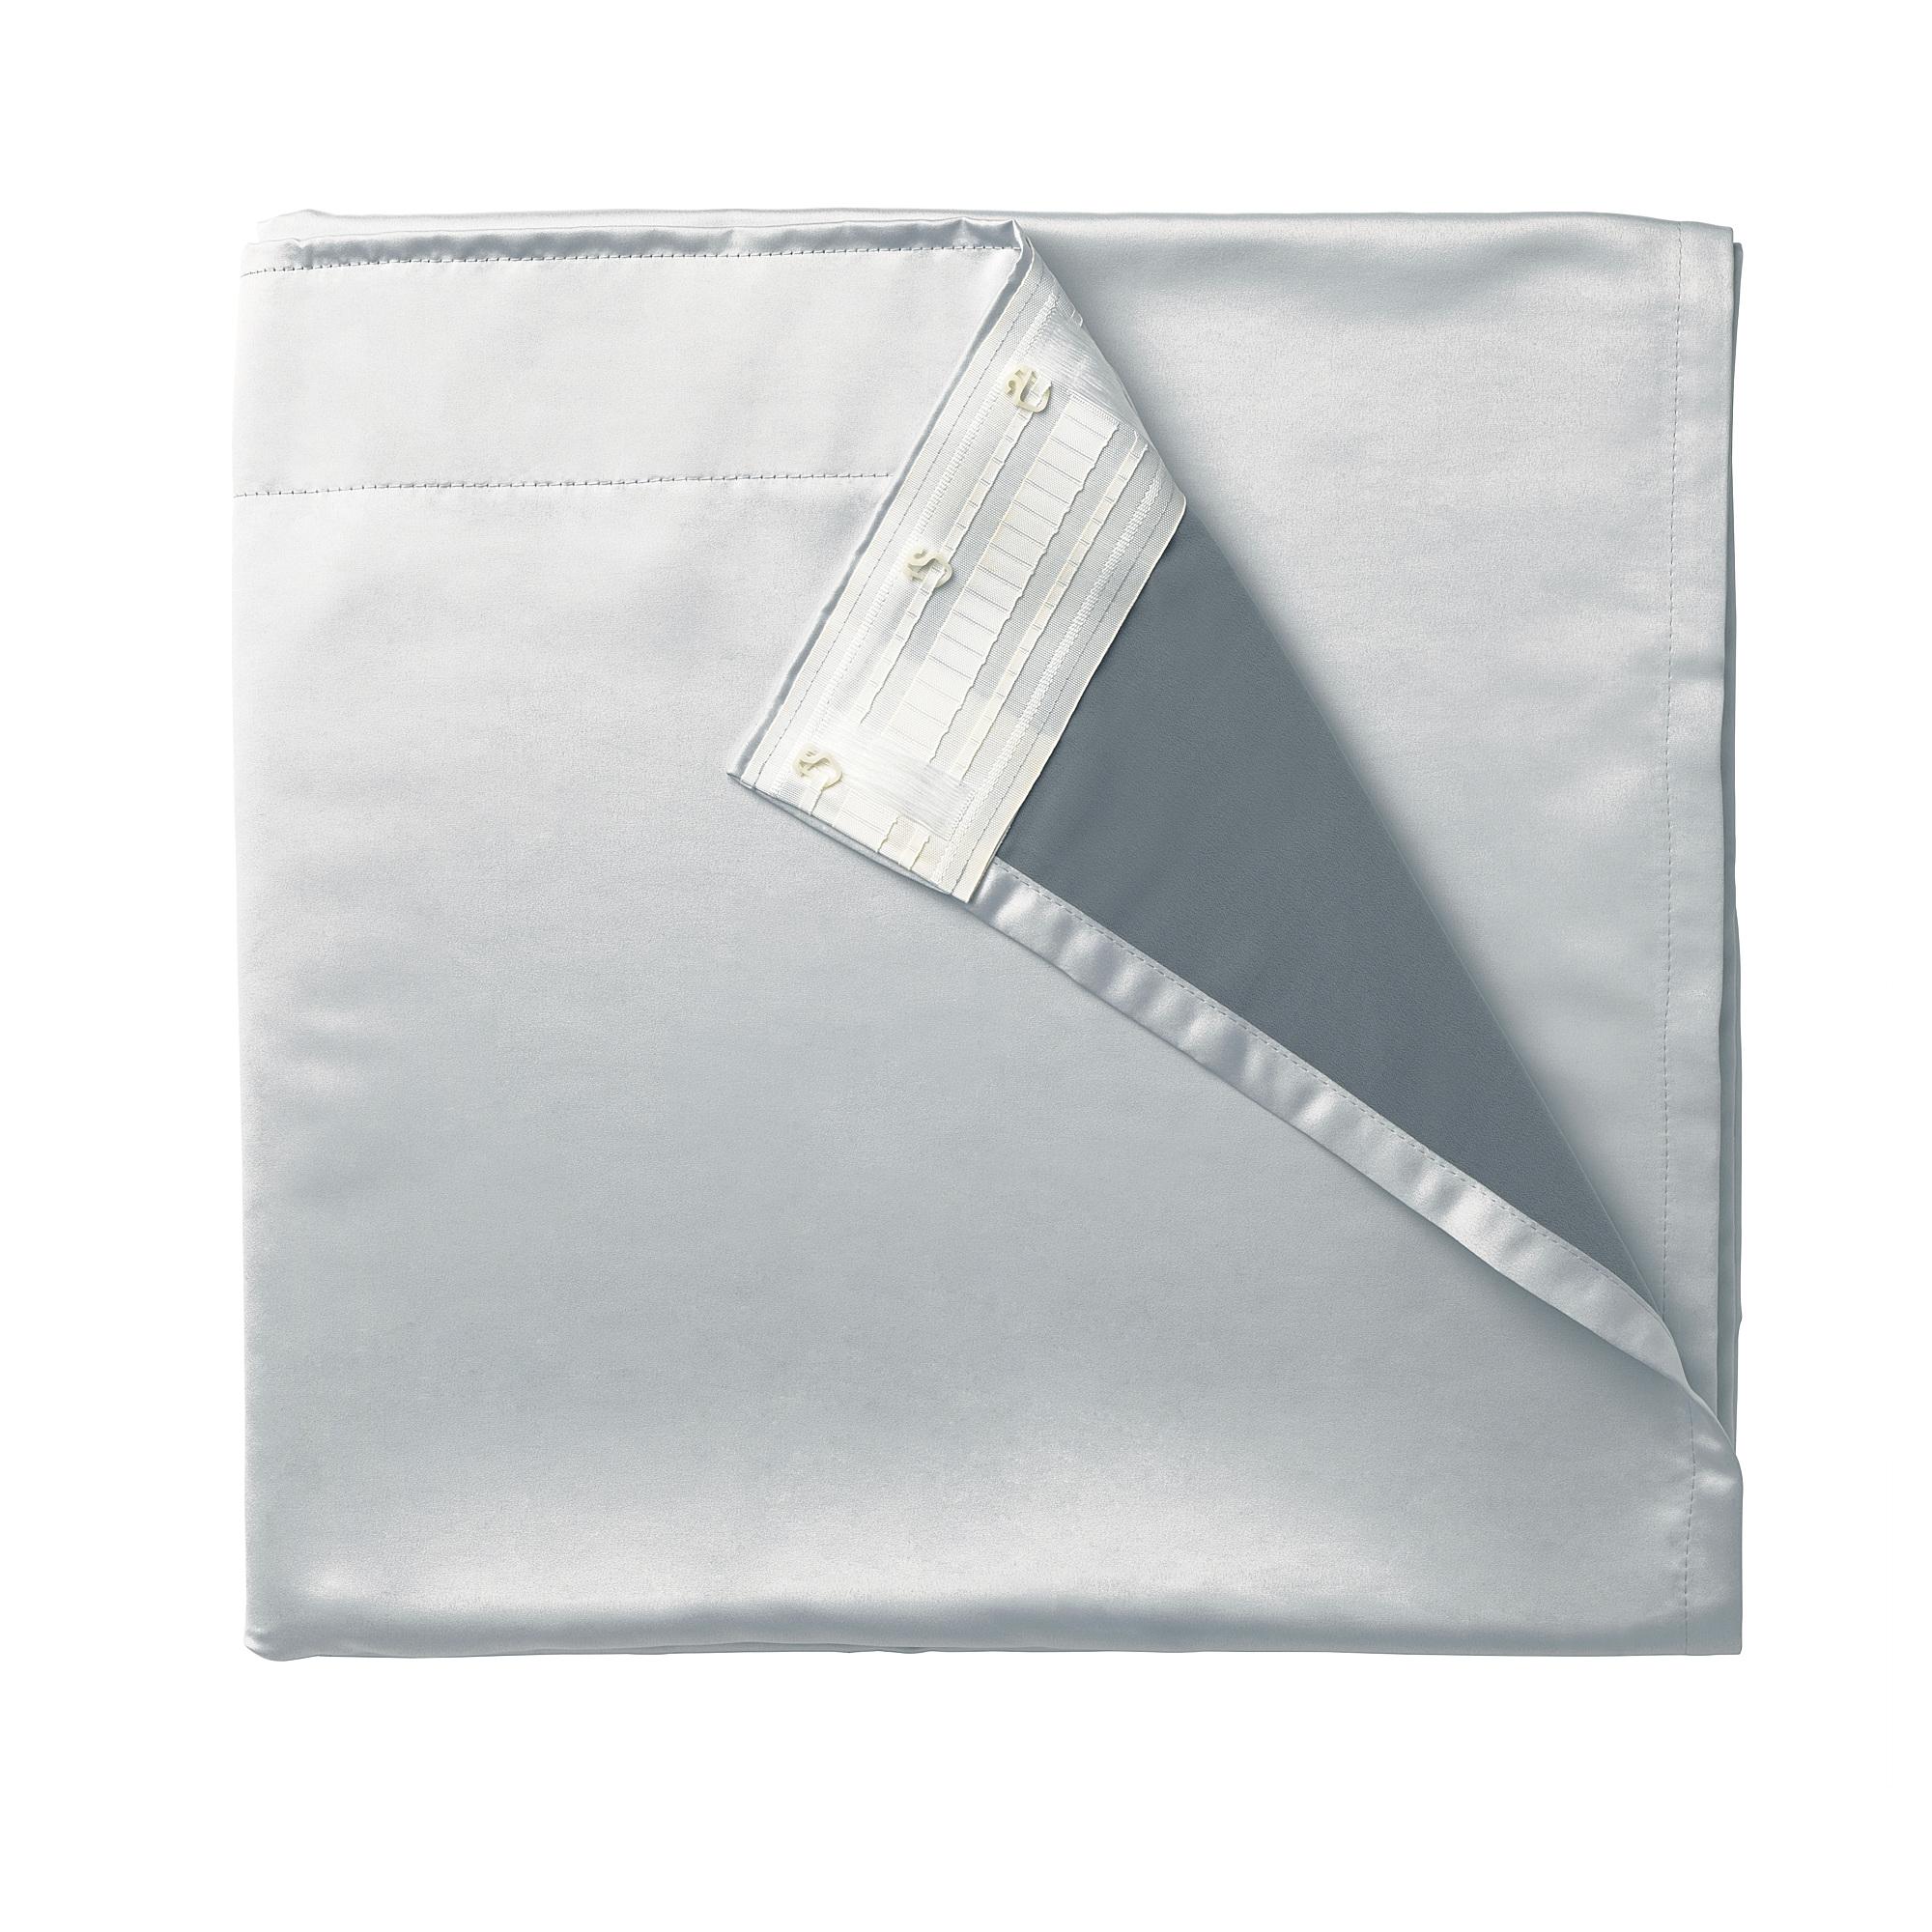 窗簾襯裡布 /2件裝, , 淺灰色